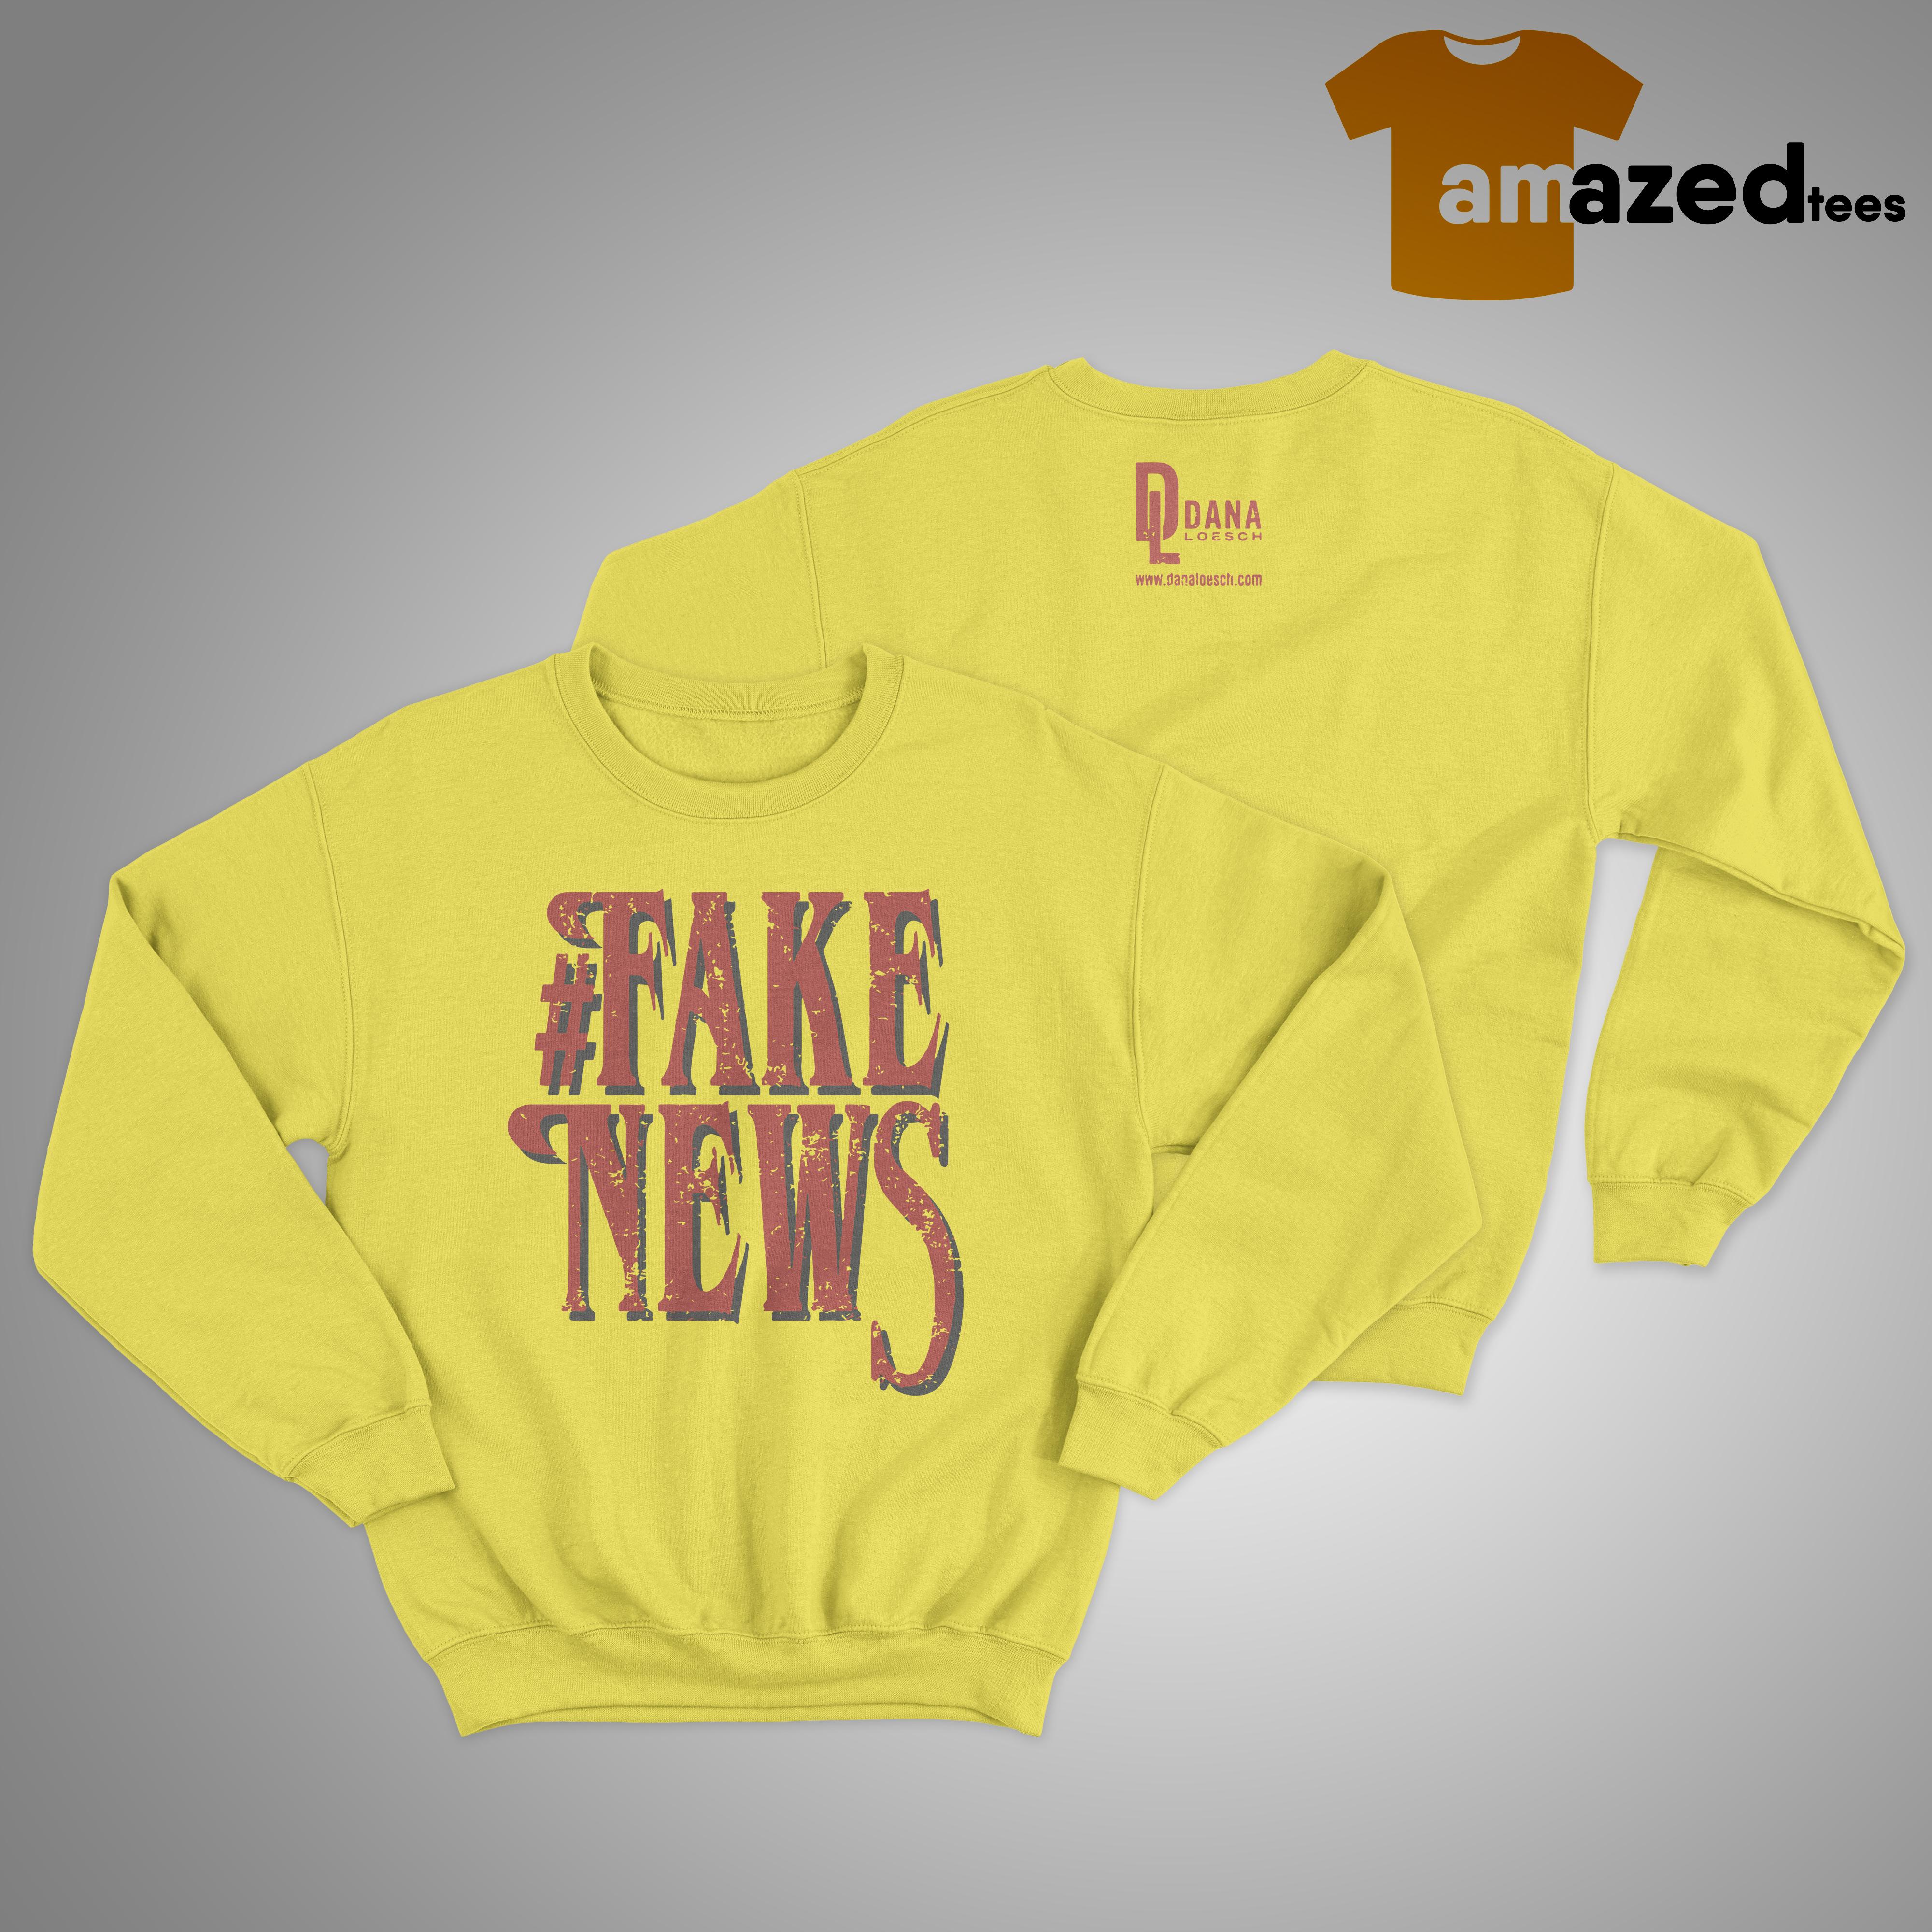 Dana Loesch #fake News Sweater